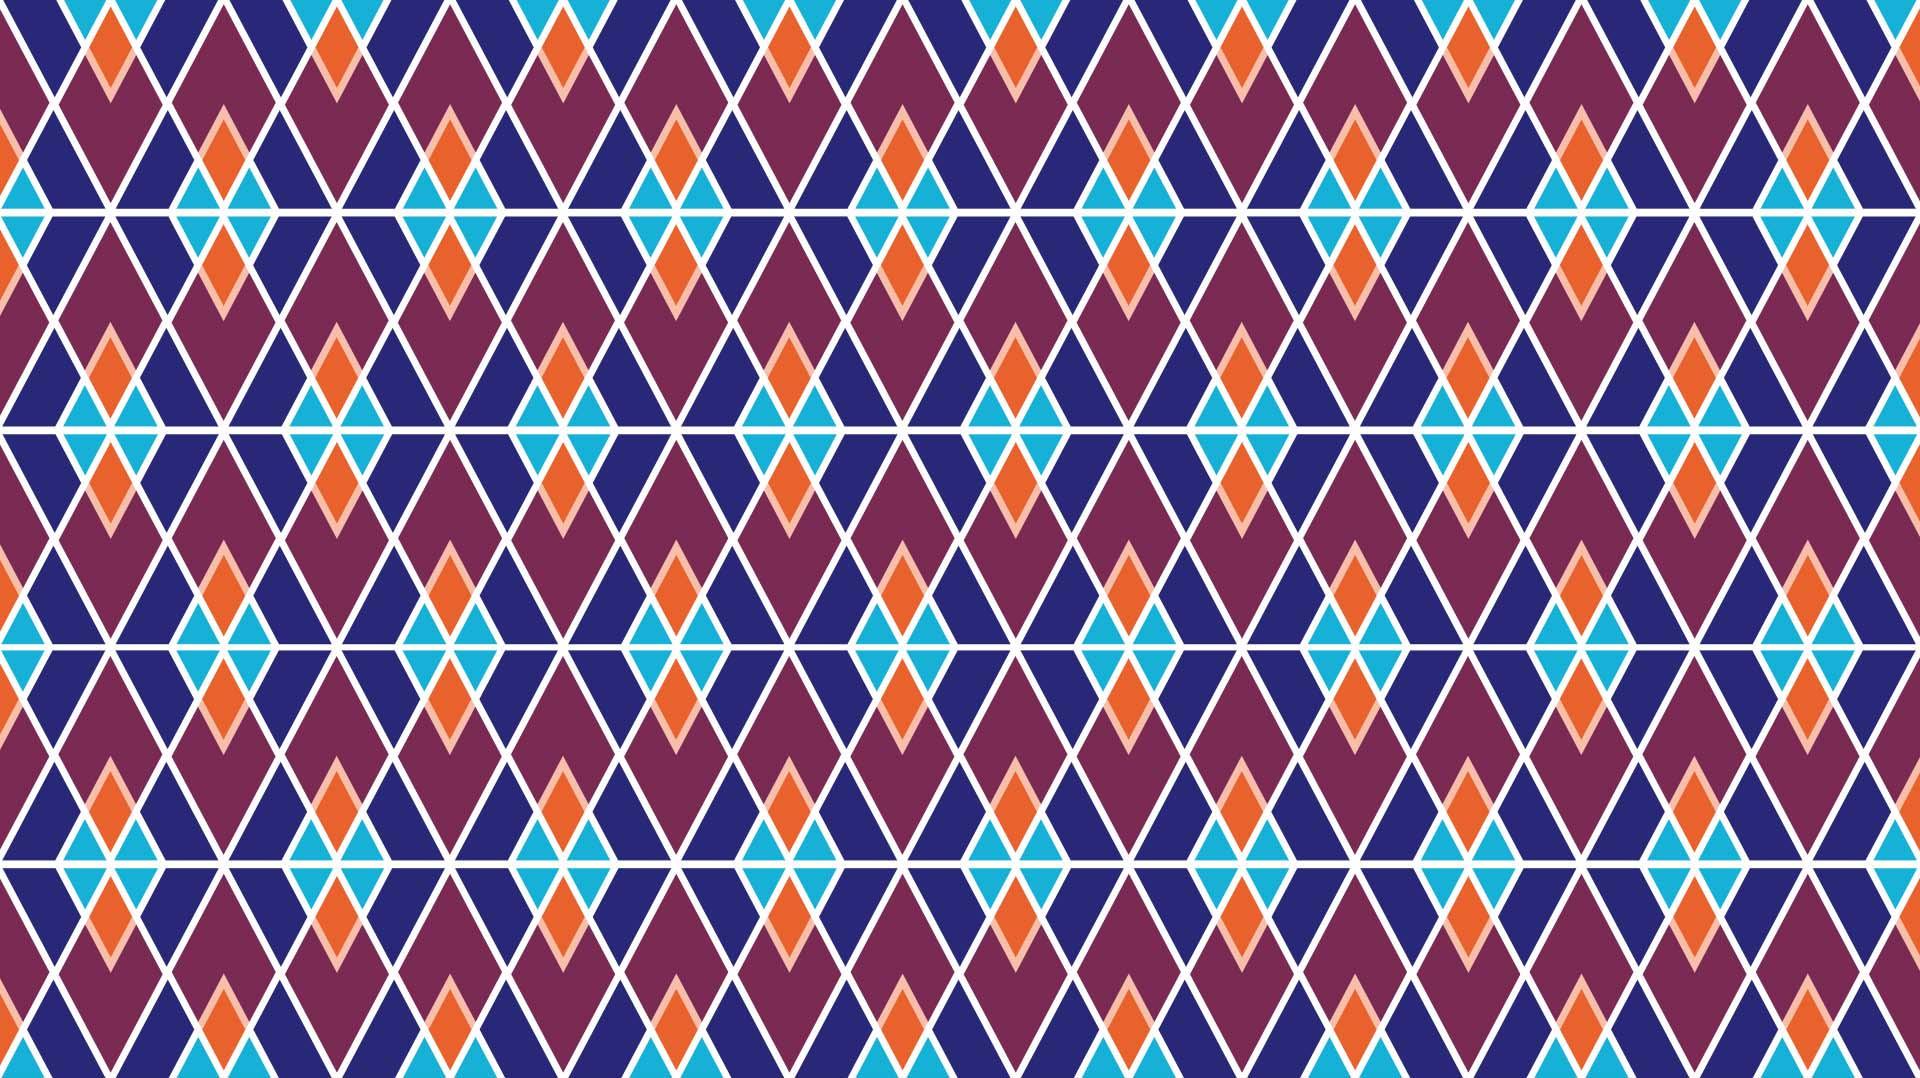 ona_pattern